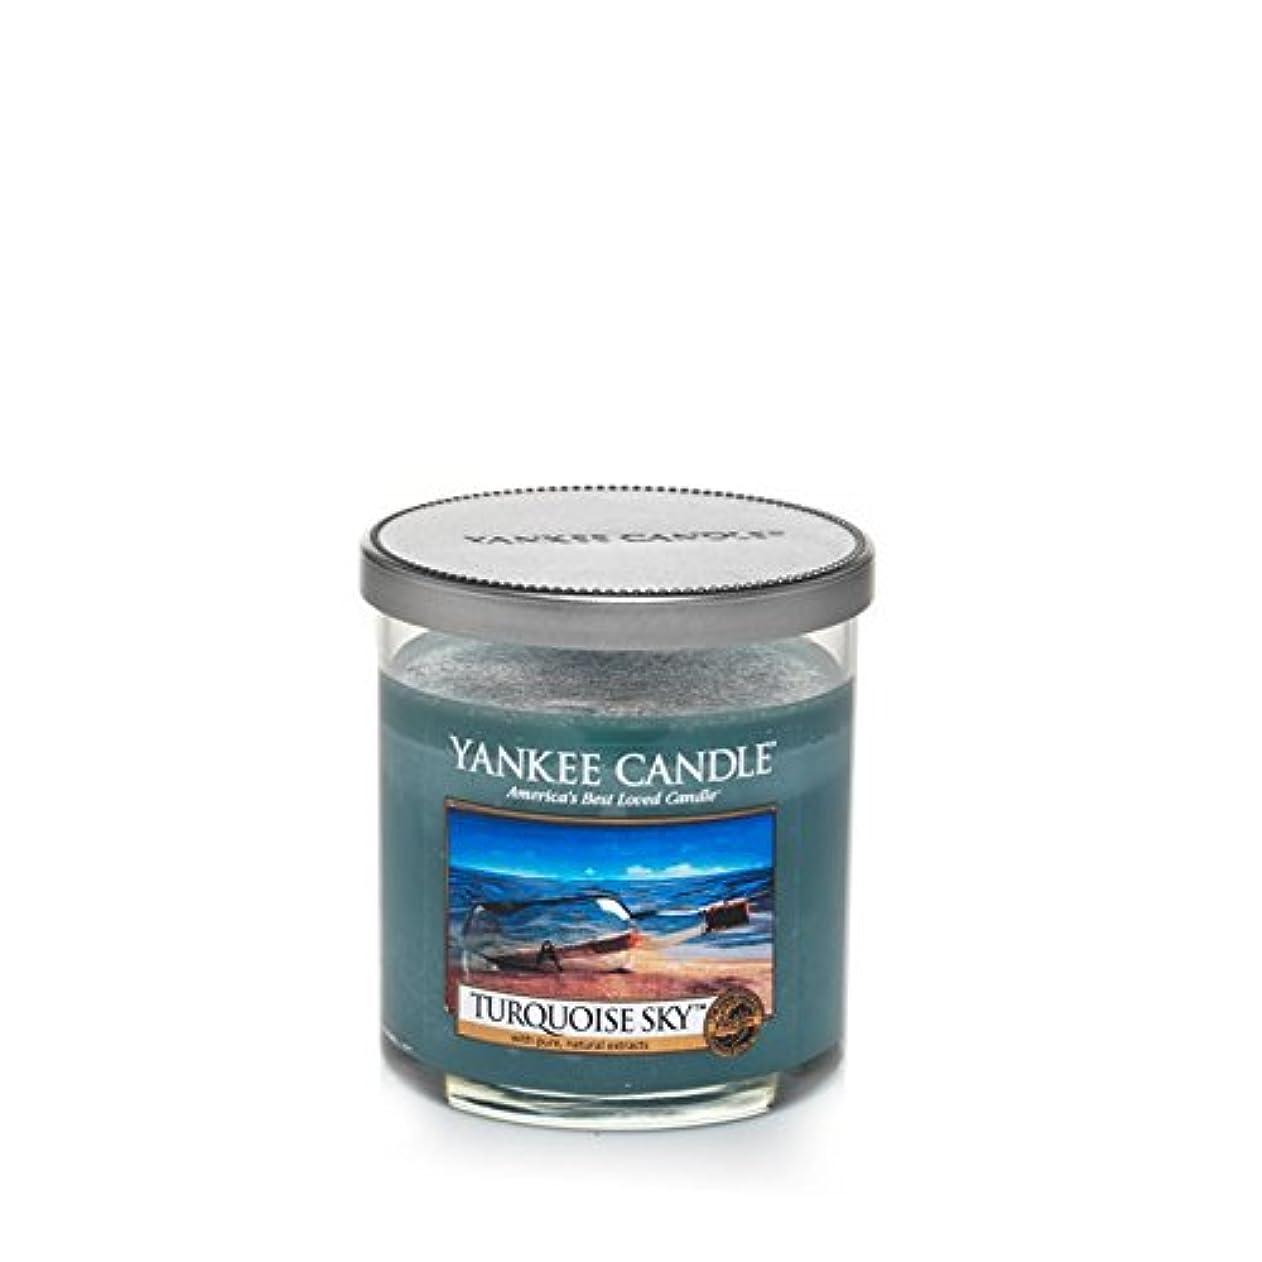 色合い頻繁に急流ヤンキーキャンドルの小さな柱キャンドル - ターコイズの空 - Yankee Candles Small Pillar Candle - Turquoise Sky (Yankee Candles) [並行輸入品]